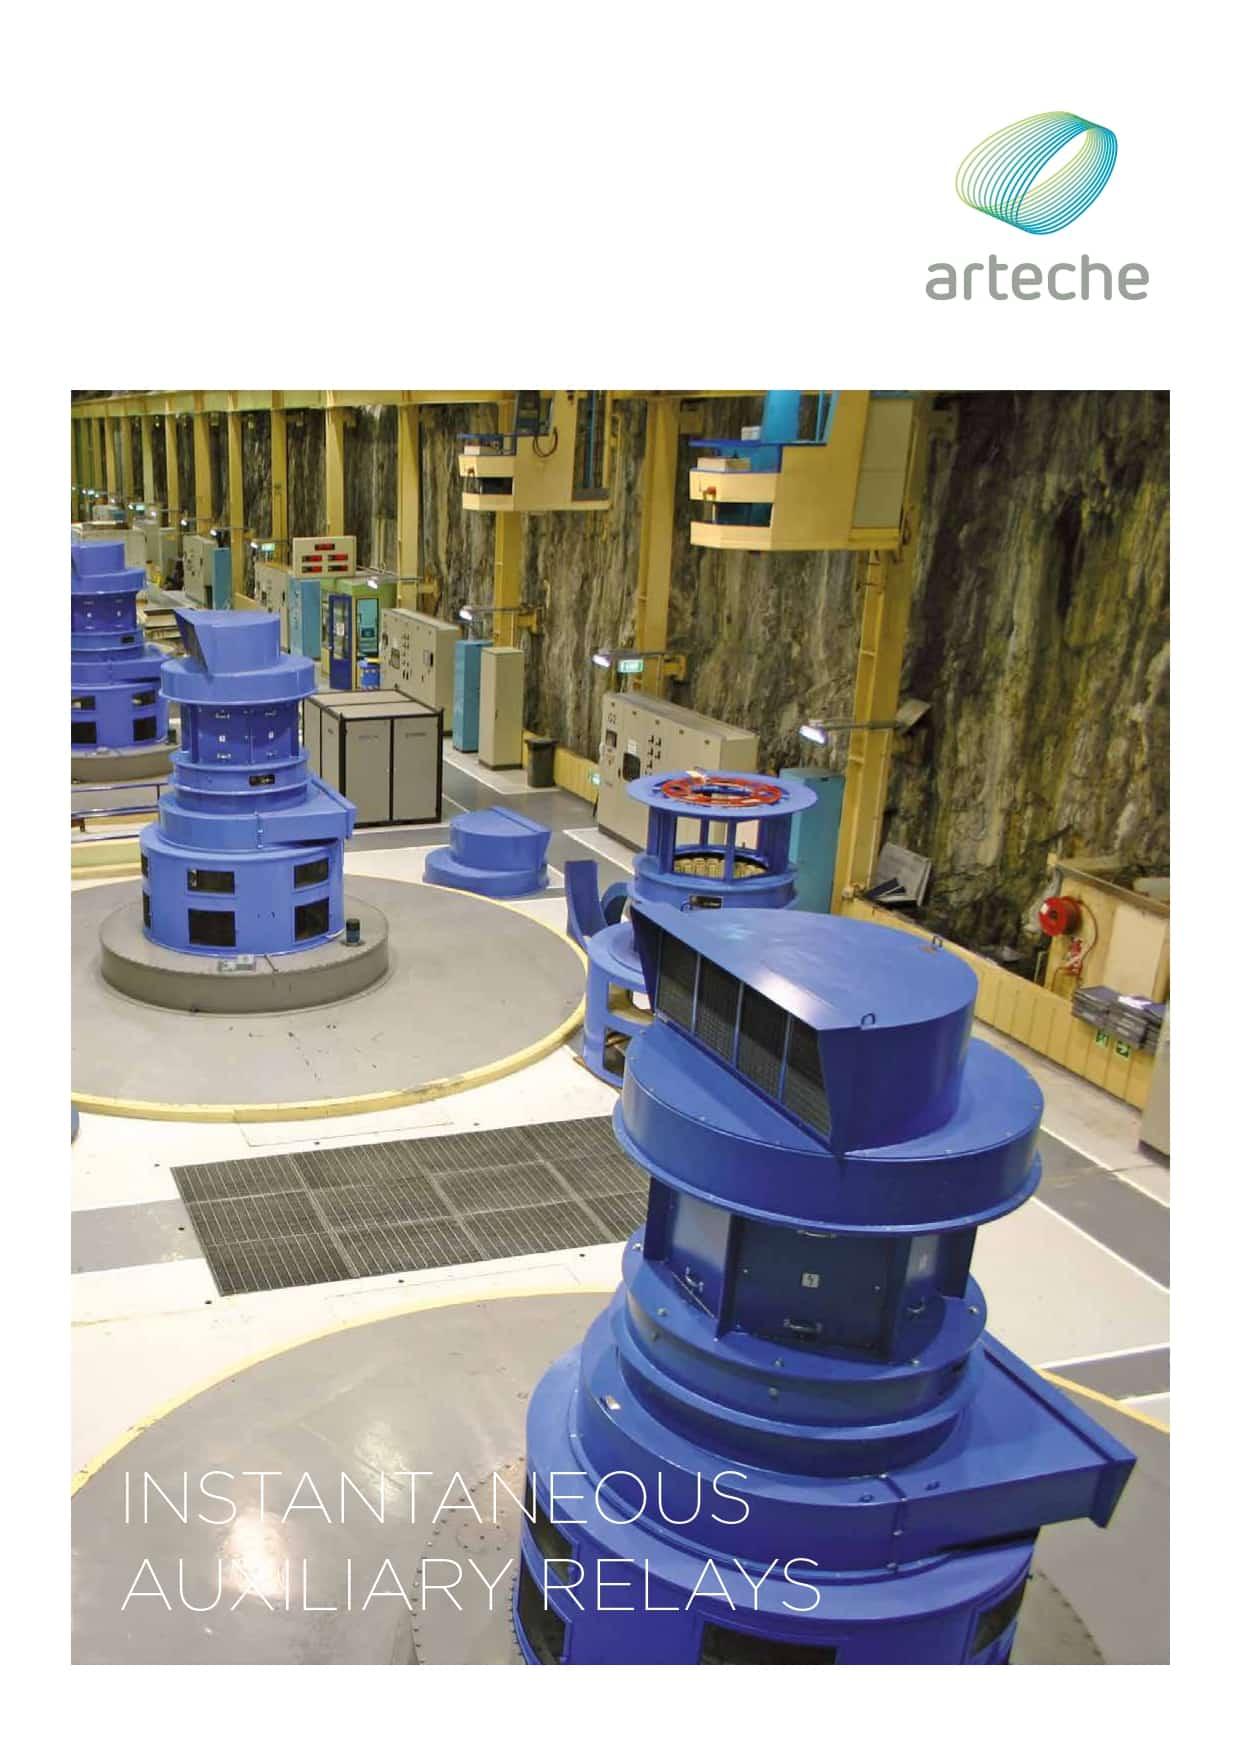 ARTECHE CT INSTANTANEOUS RELAYS EN